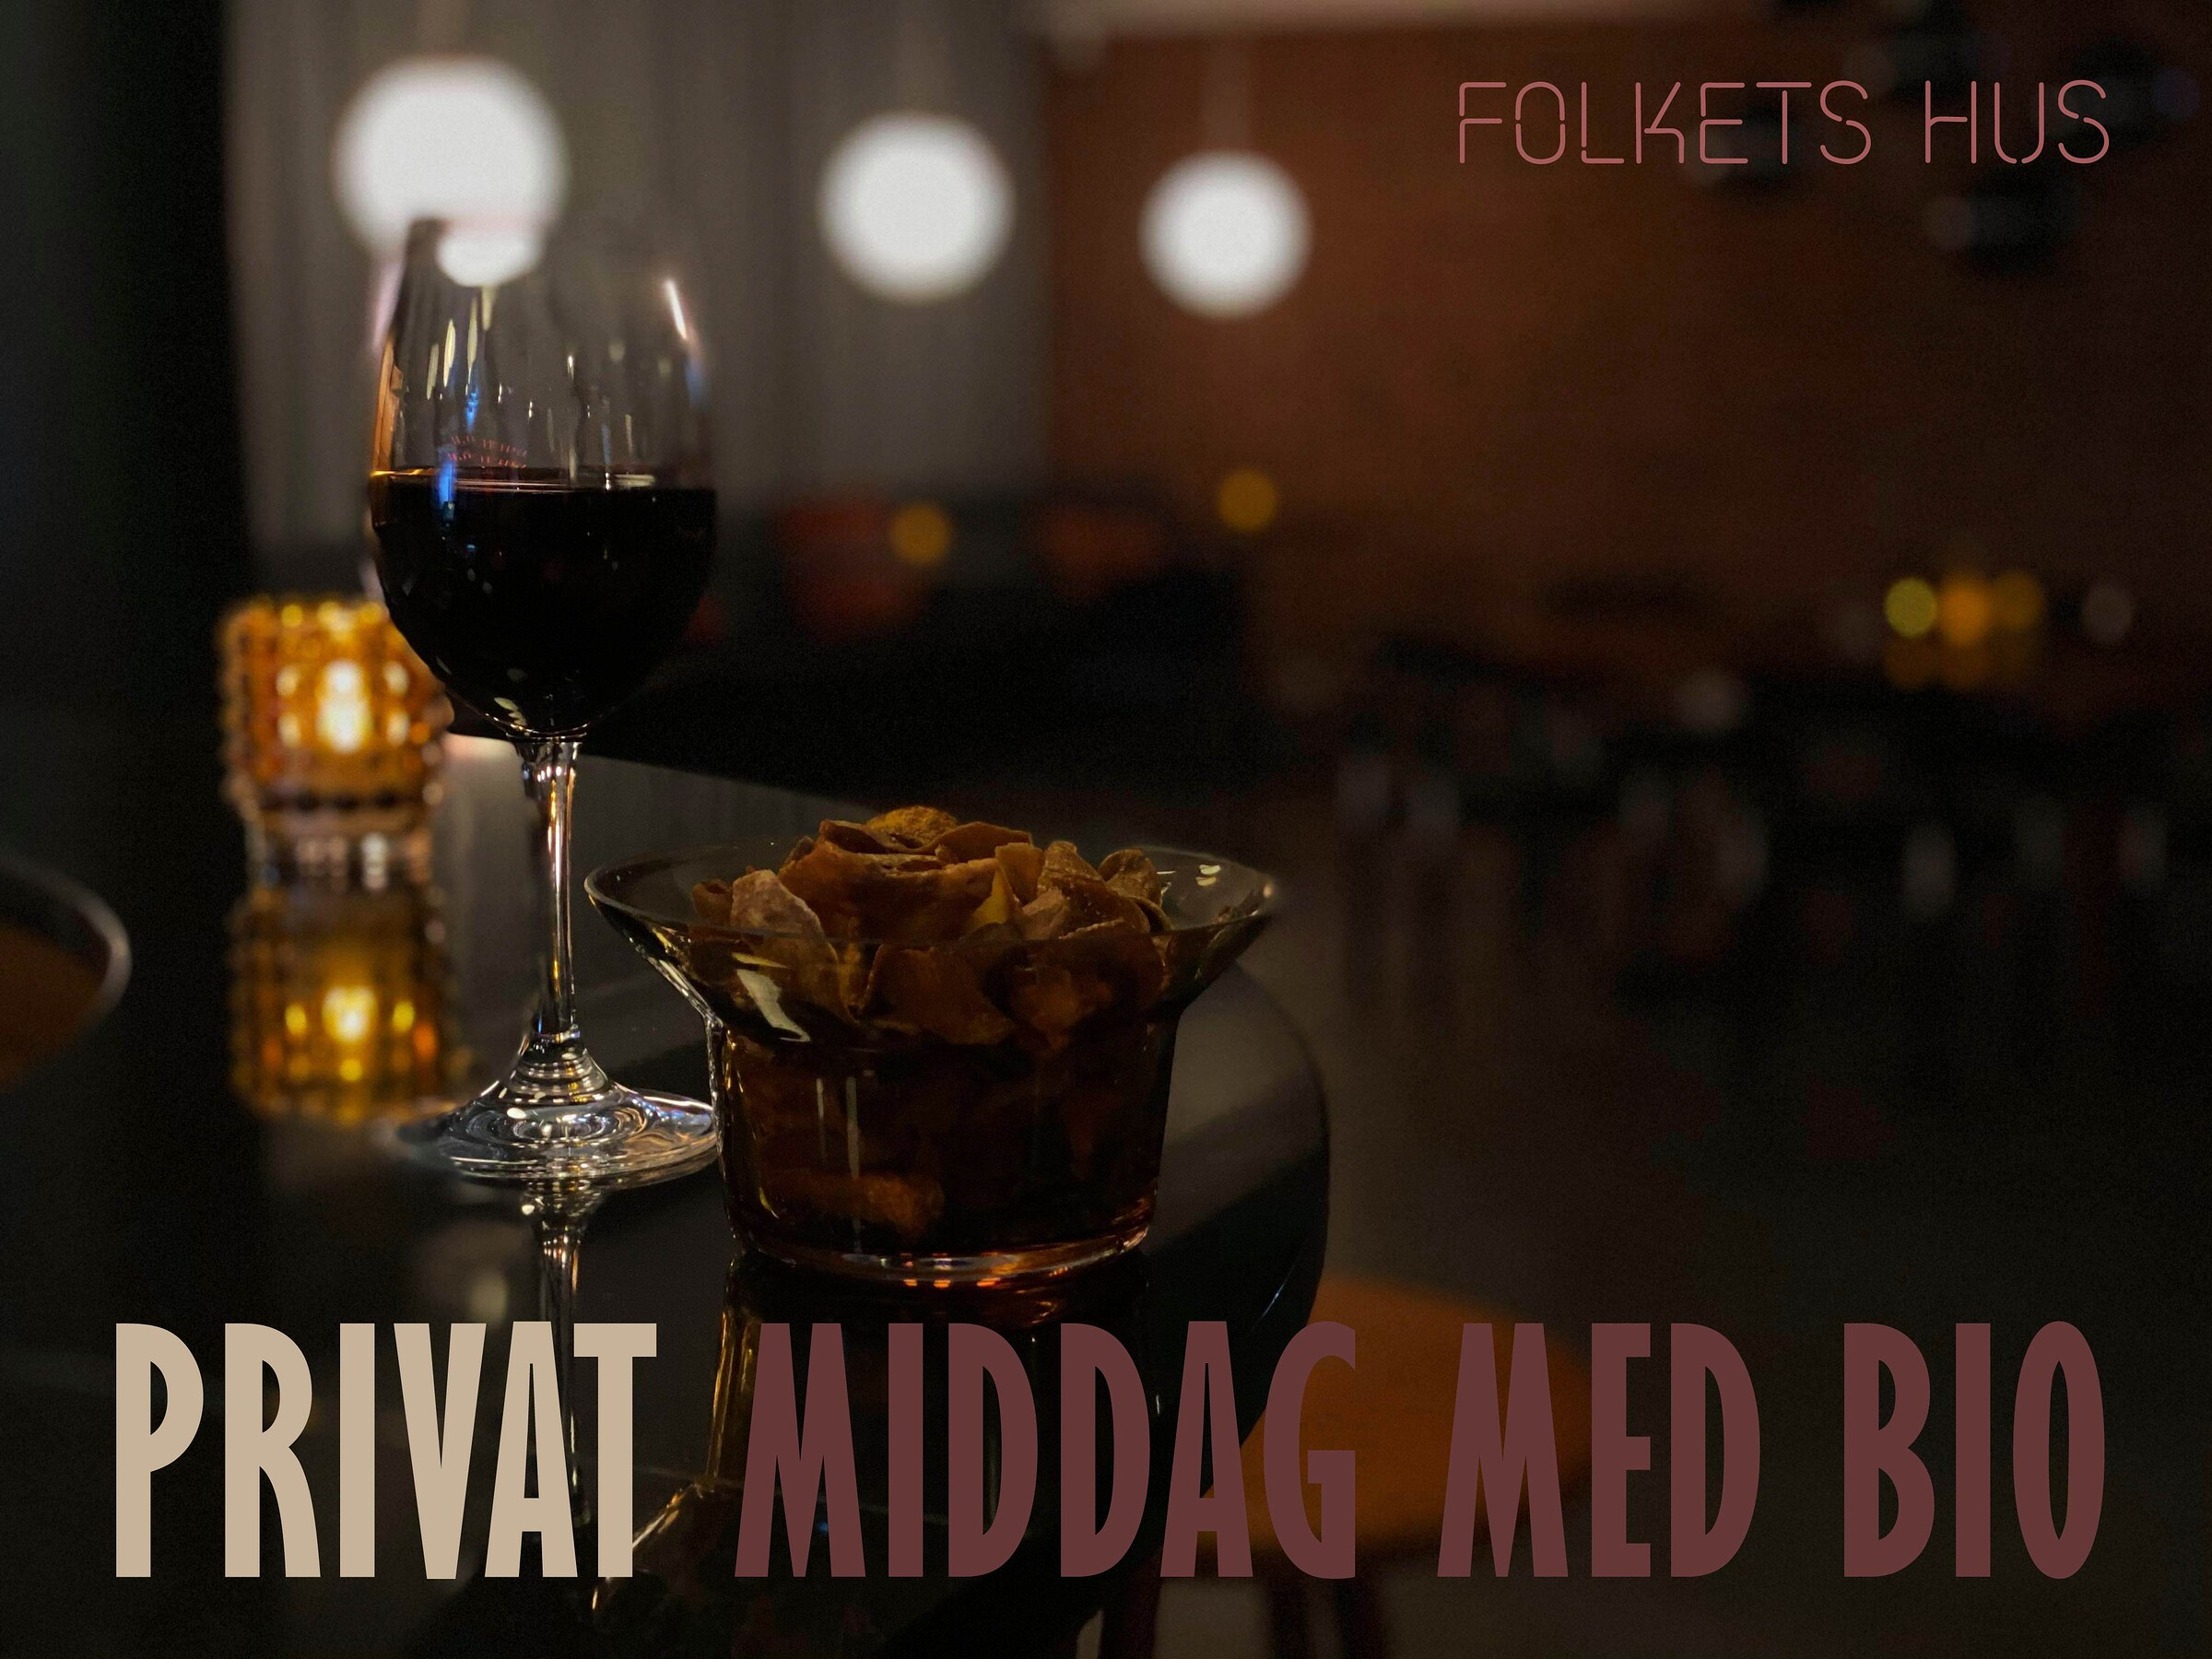 privat-middag-med-bio-folkan.jpg